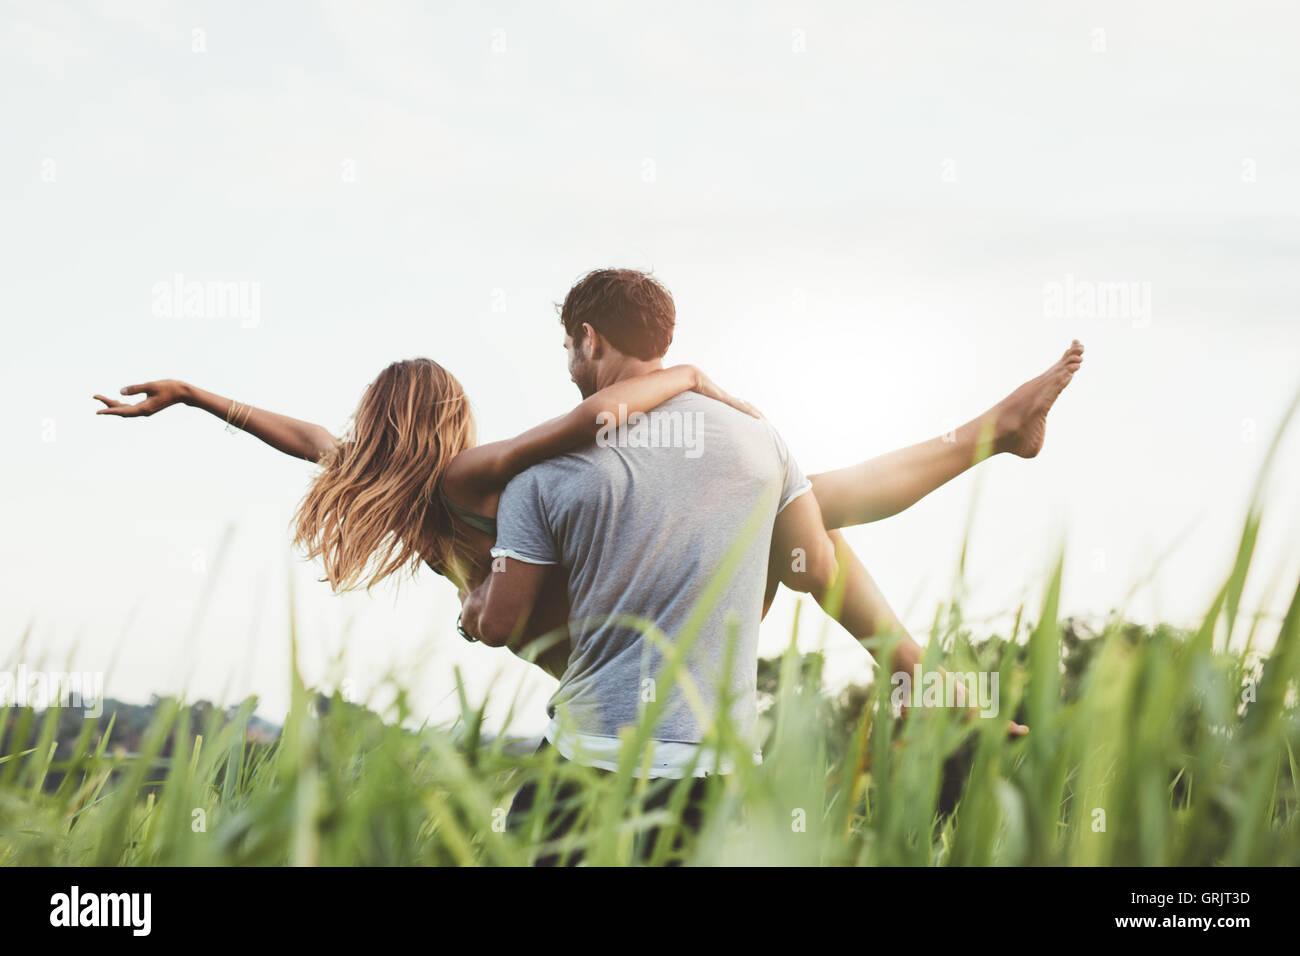 Vue arrière shot of man carrying woman in rural field. Couple en extérieur sur pelouse. Photo Stock